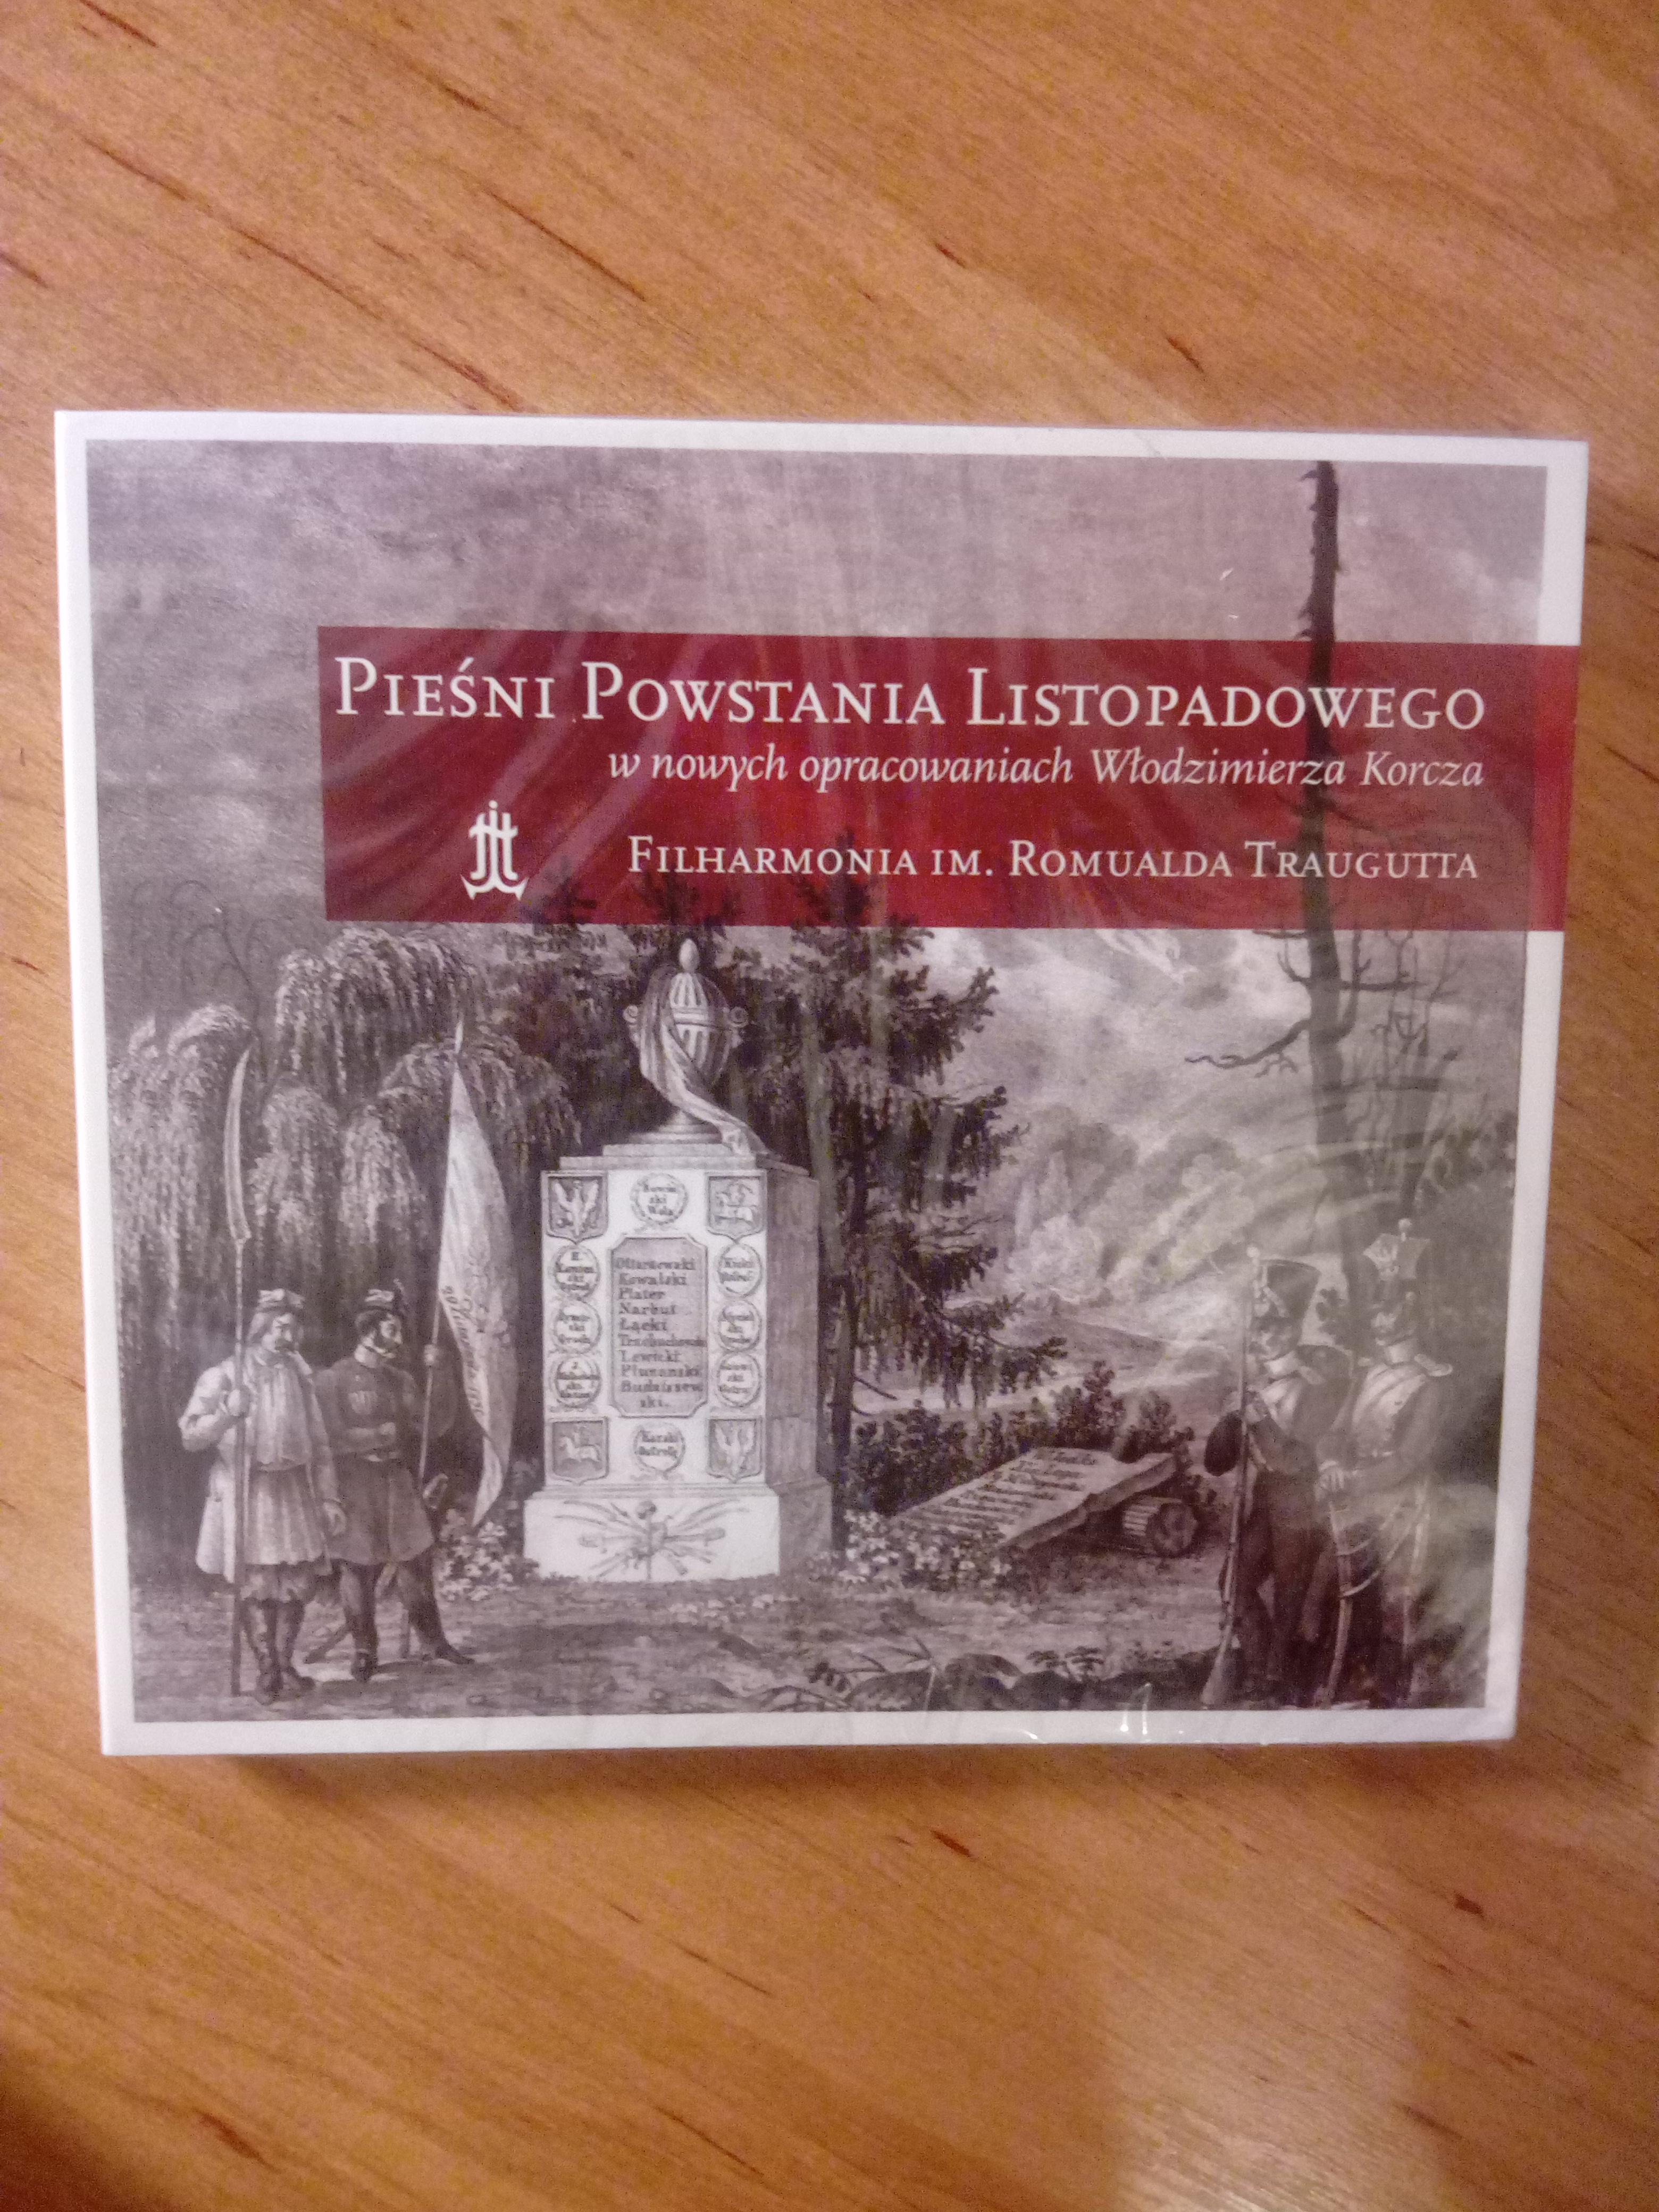 Pieśni Powstania Listopadowego CD (opr.W.Korcz)